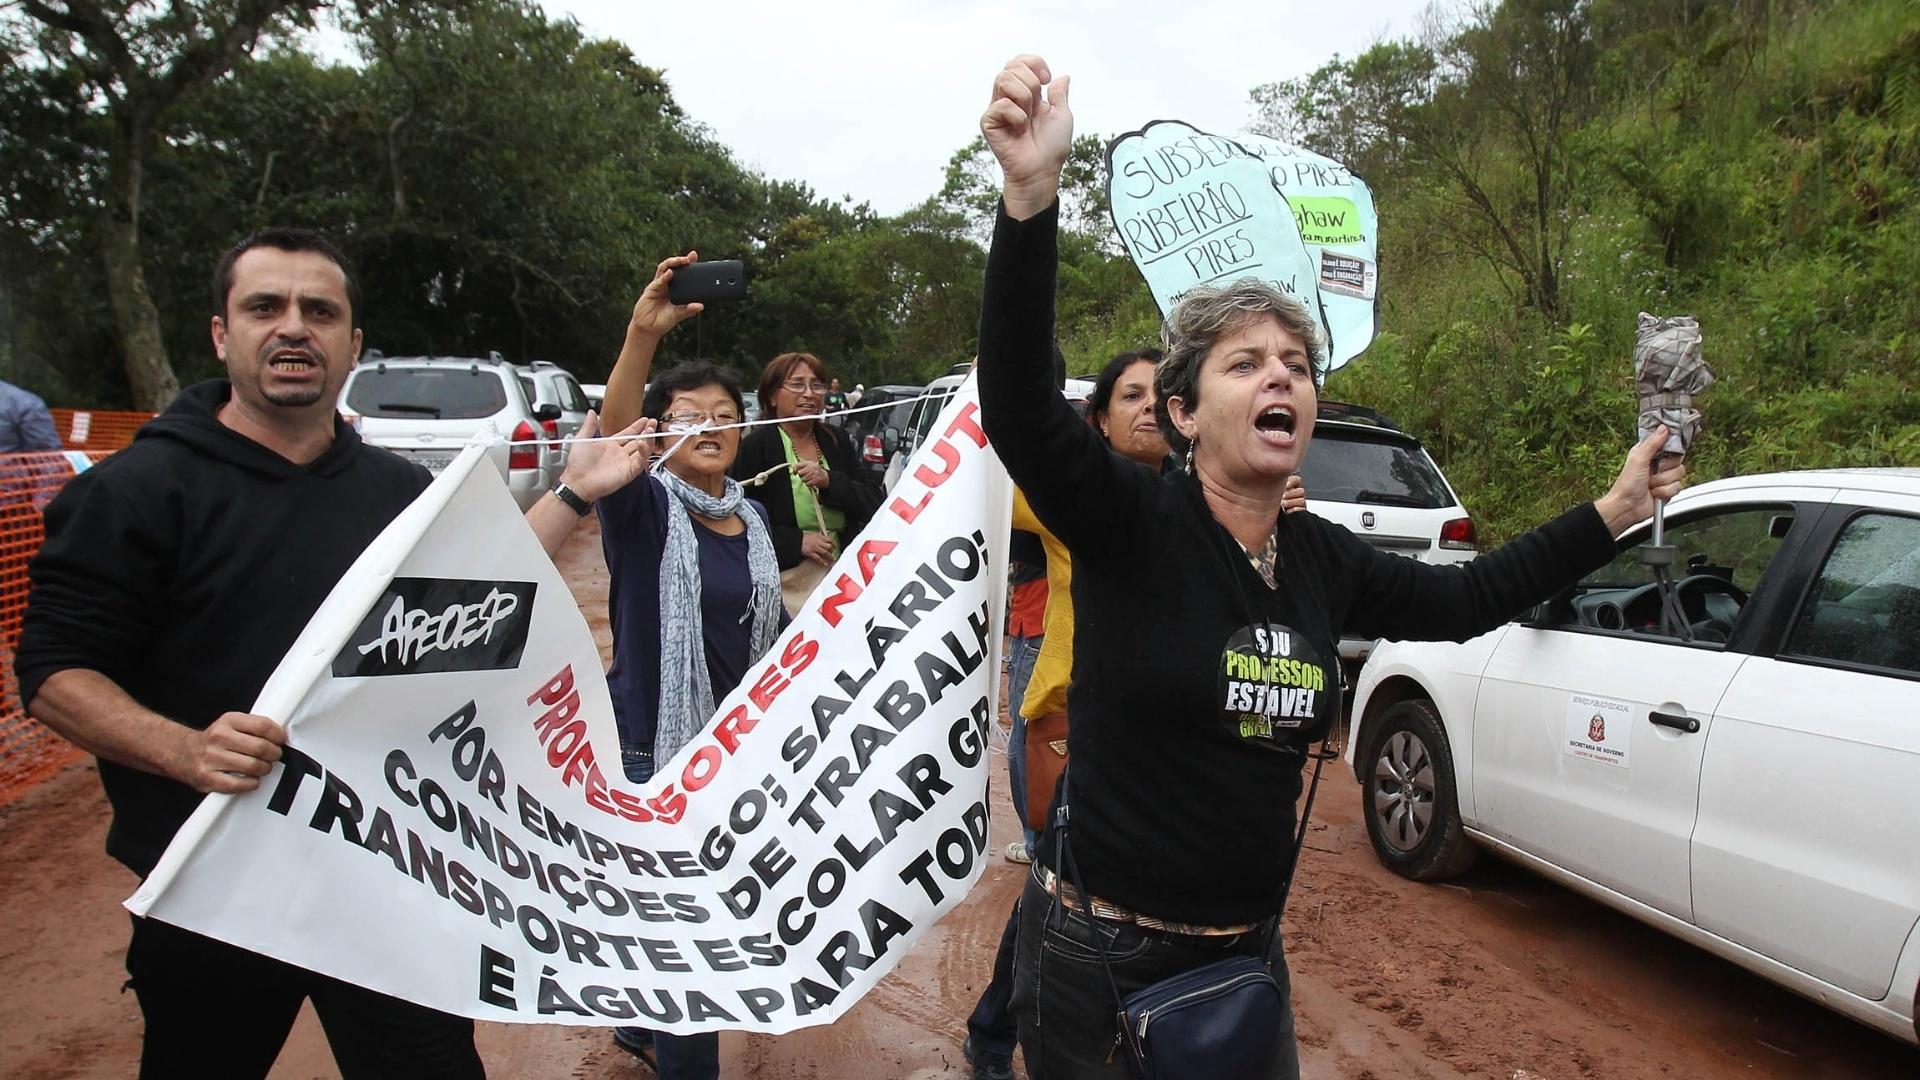 4.mai.2015 - Professores estaduais em greve protestam no local onde o governador de São Paulo, Geraldo Alckmin, dá início a interligação entre os sistemas de abastecimento Rio Grande e Alto Tietê, em Ribeirão Pires, para garantir a distribuição de água na Grande São Paulo